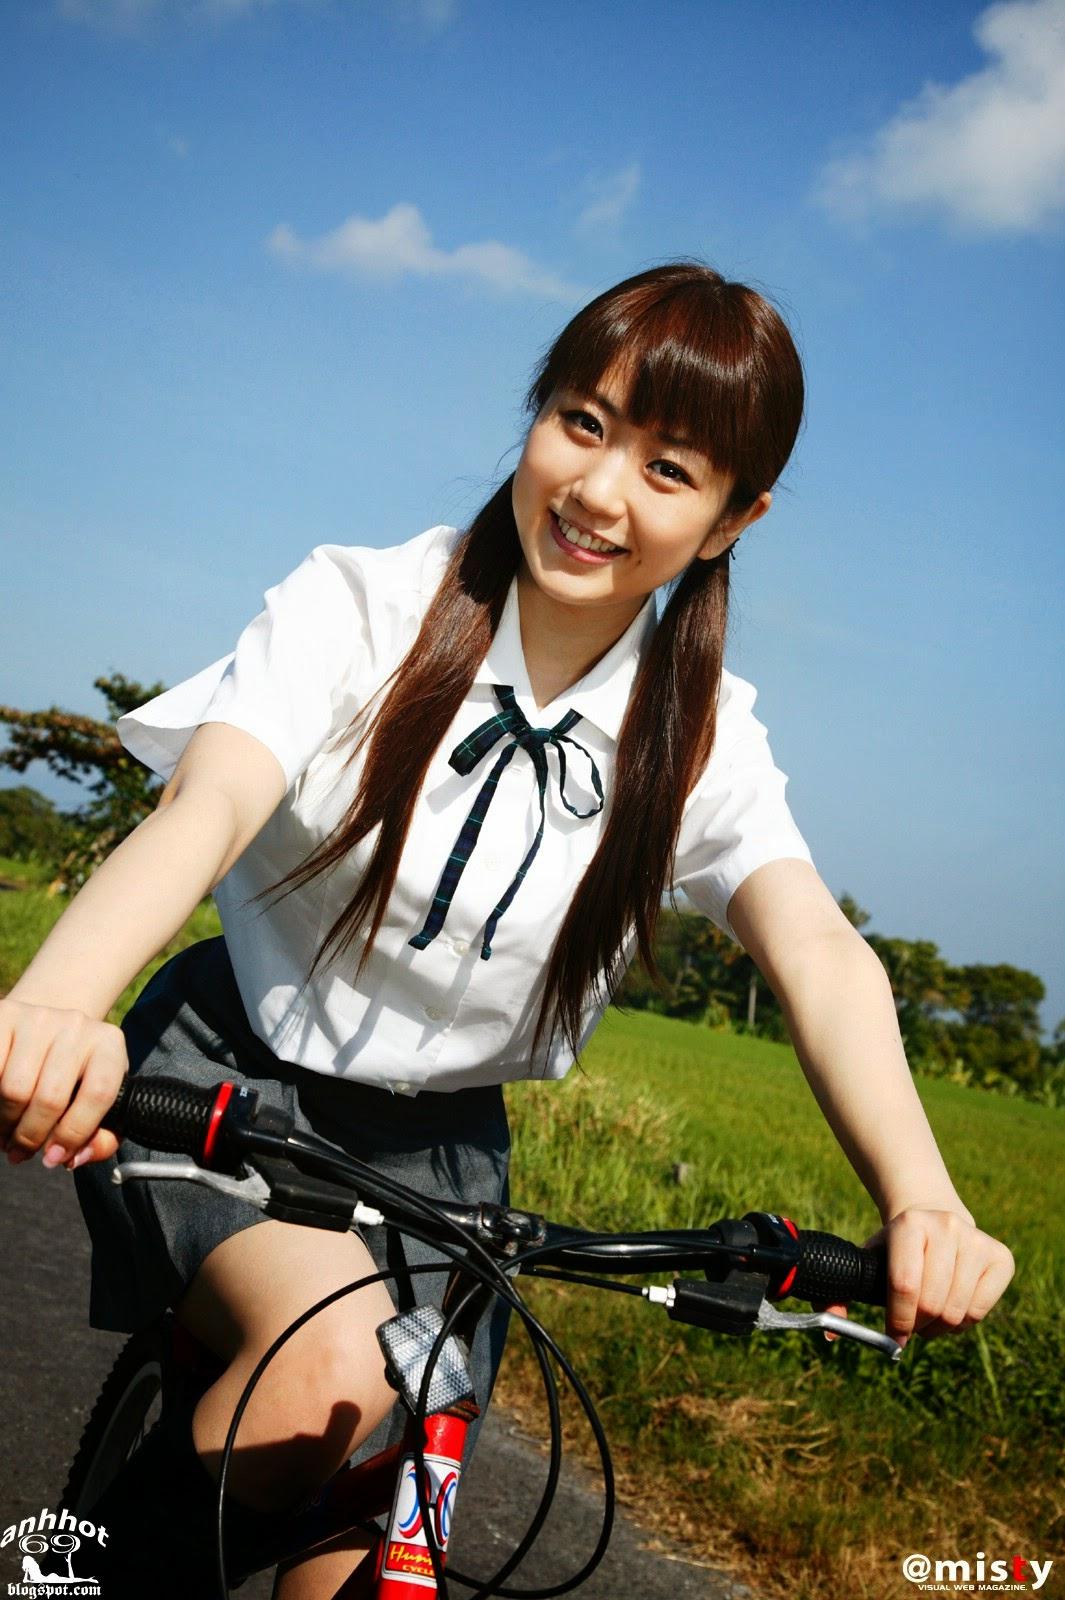 chise-nakamura-00448713